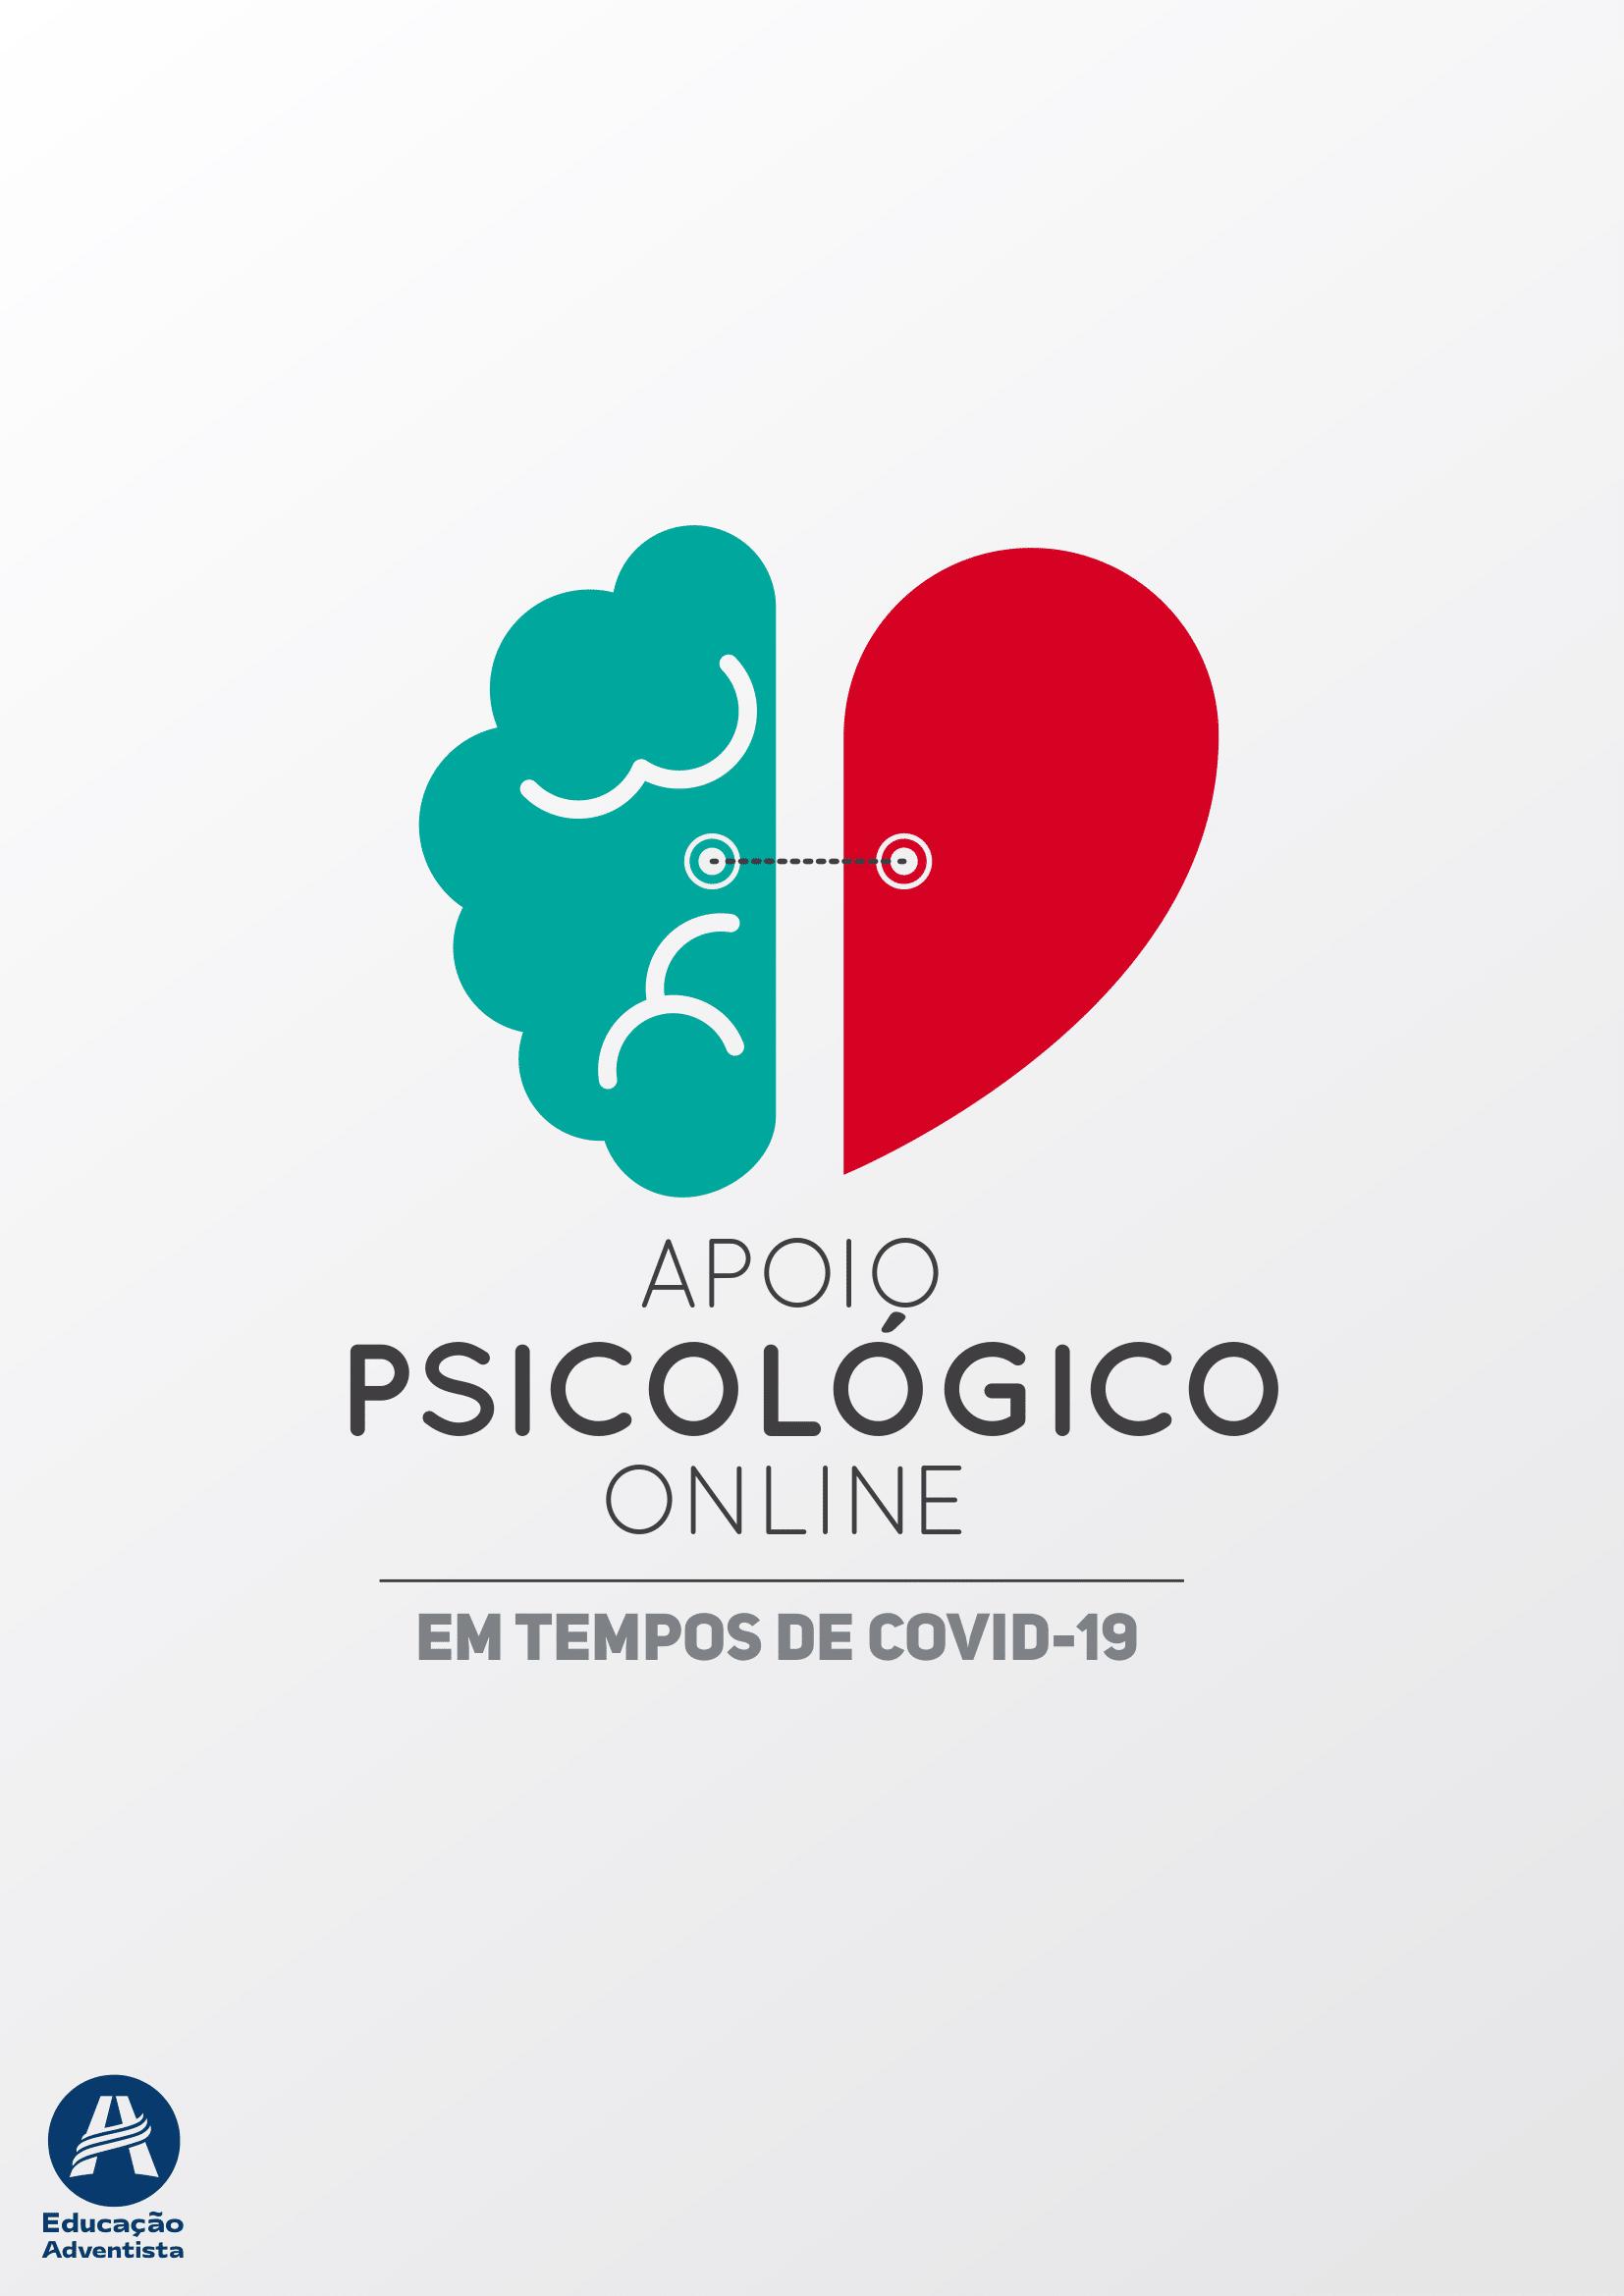 Apoio Psicológico Online